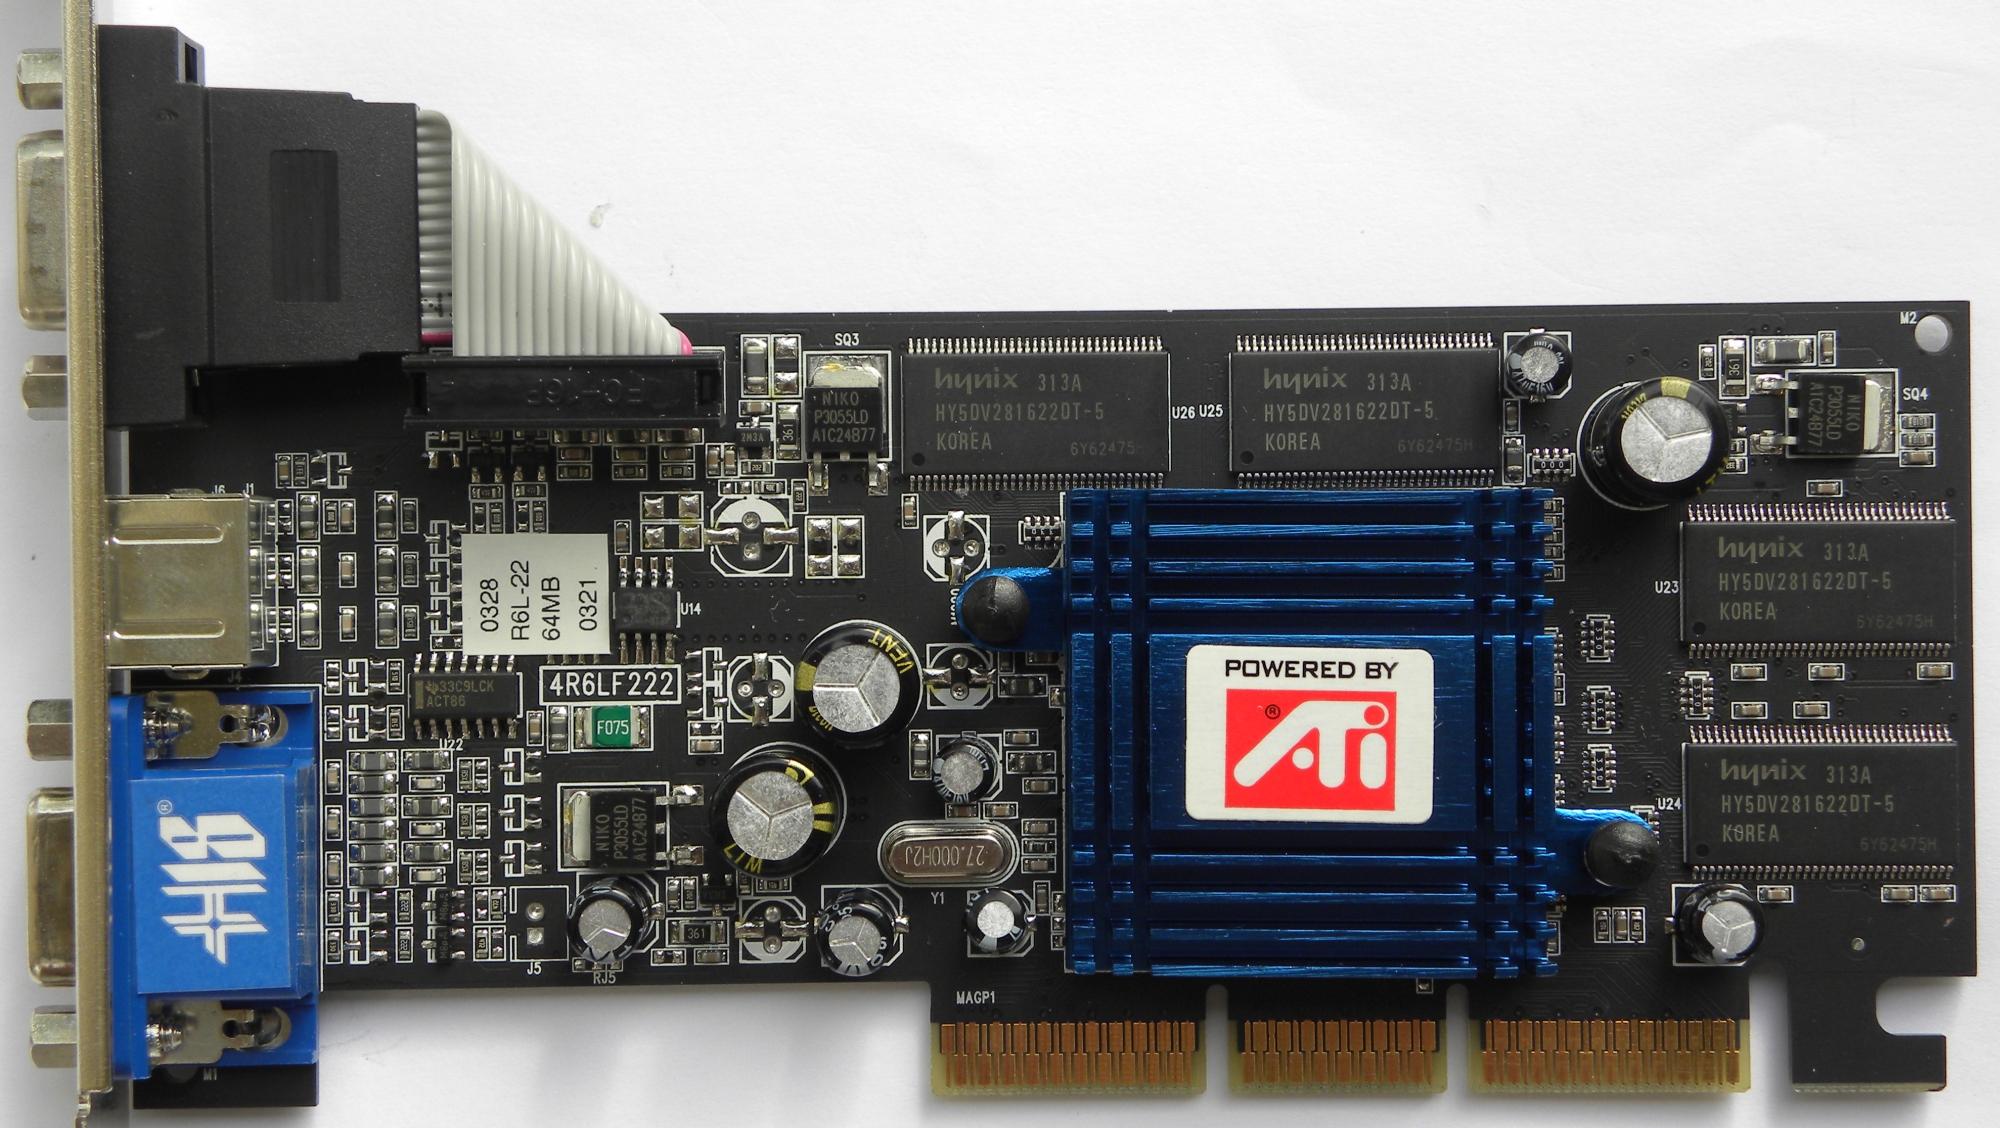 Ati radeon 7000 videocard with 64 mb and agp connector, 1x vga.